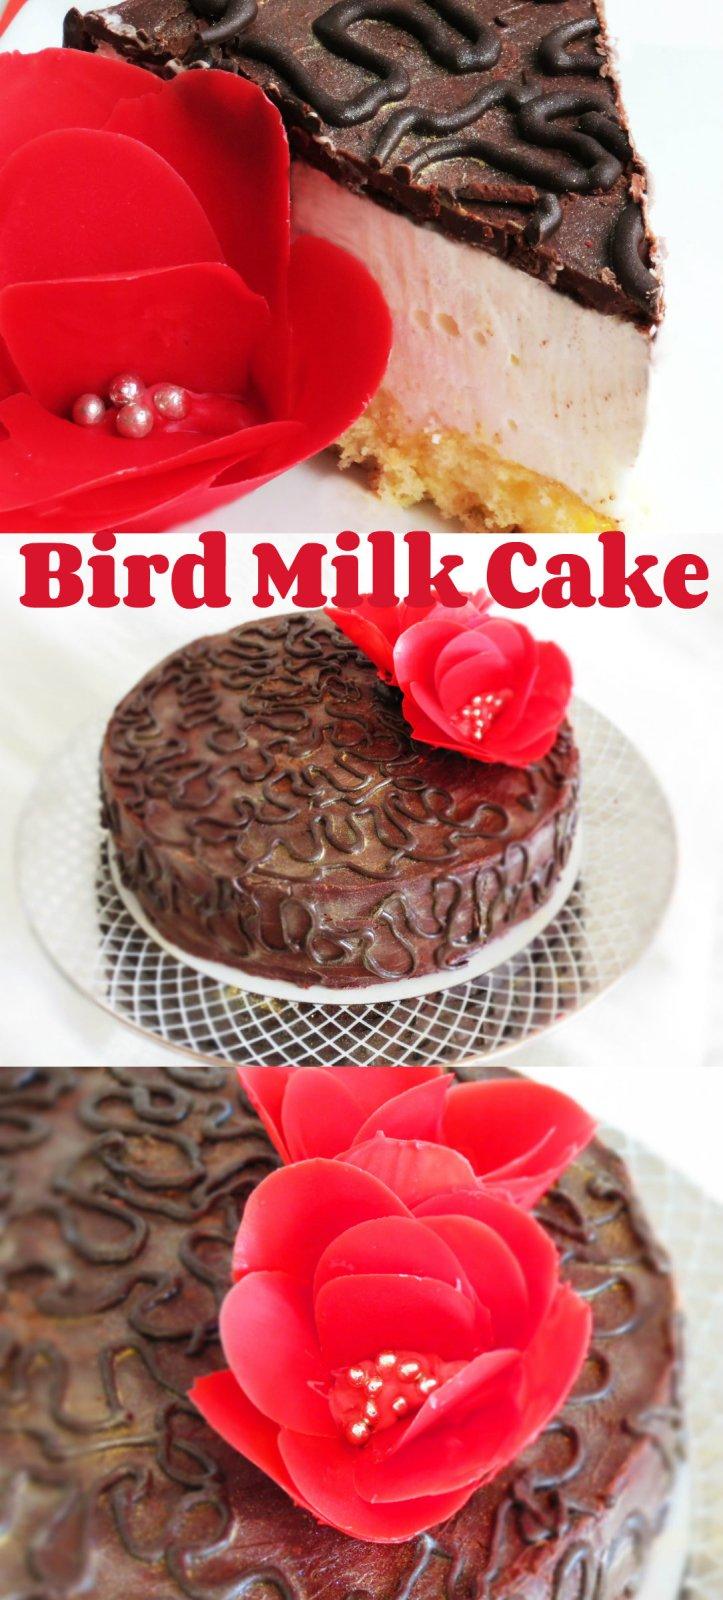 bird-milk-cake-collage-2